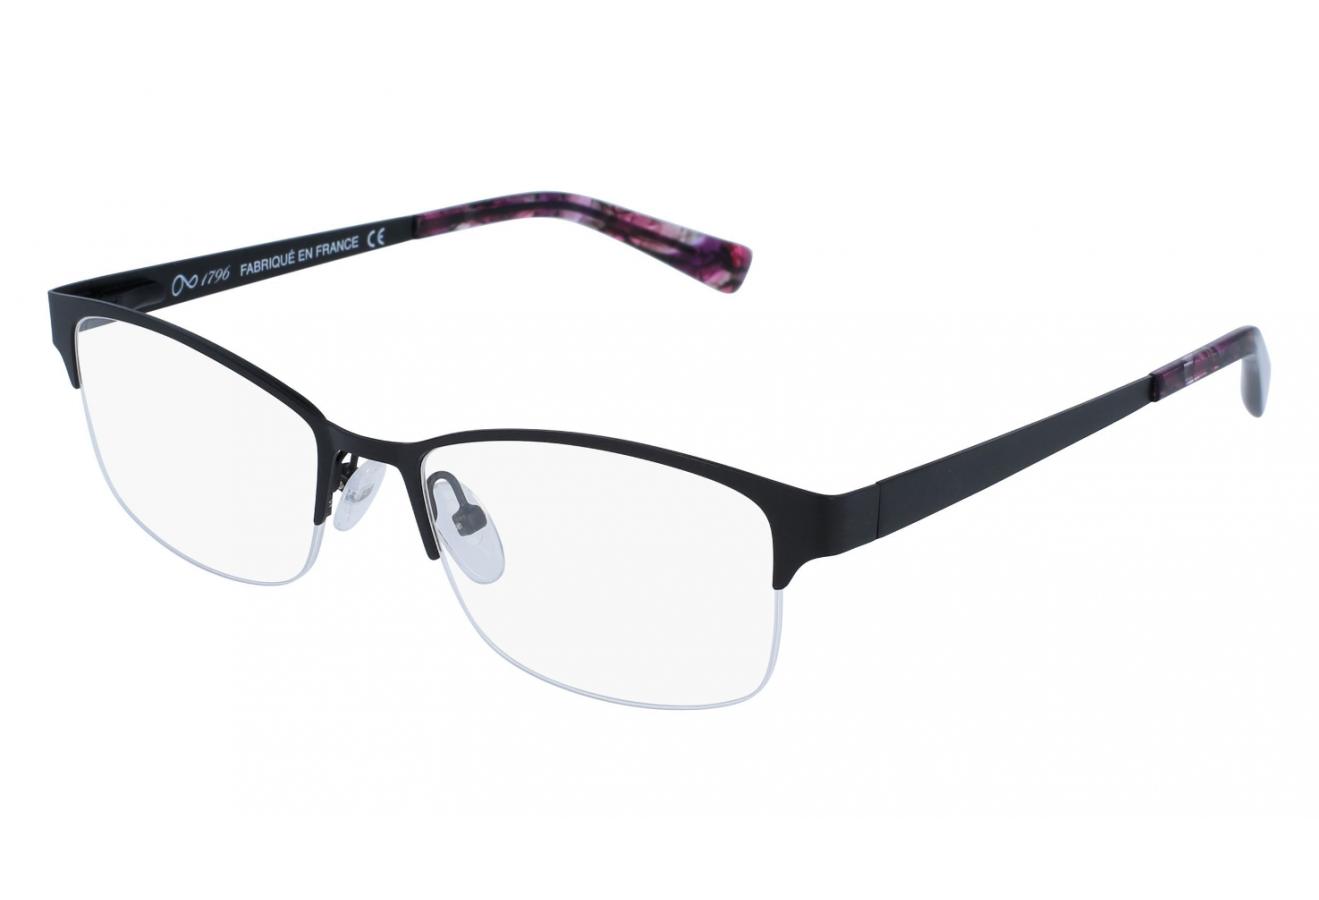 lunettes de vue 1796 cbfm 1709 noir 52 17. Black Bedroom Furniture Sets. Home Design Ideas